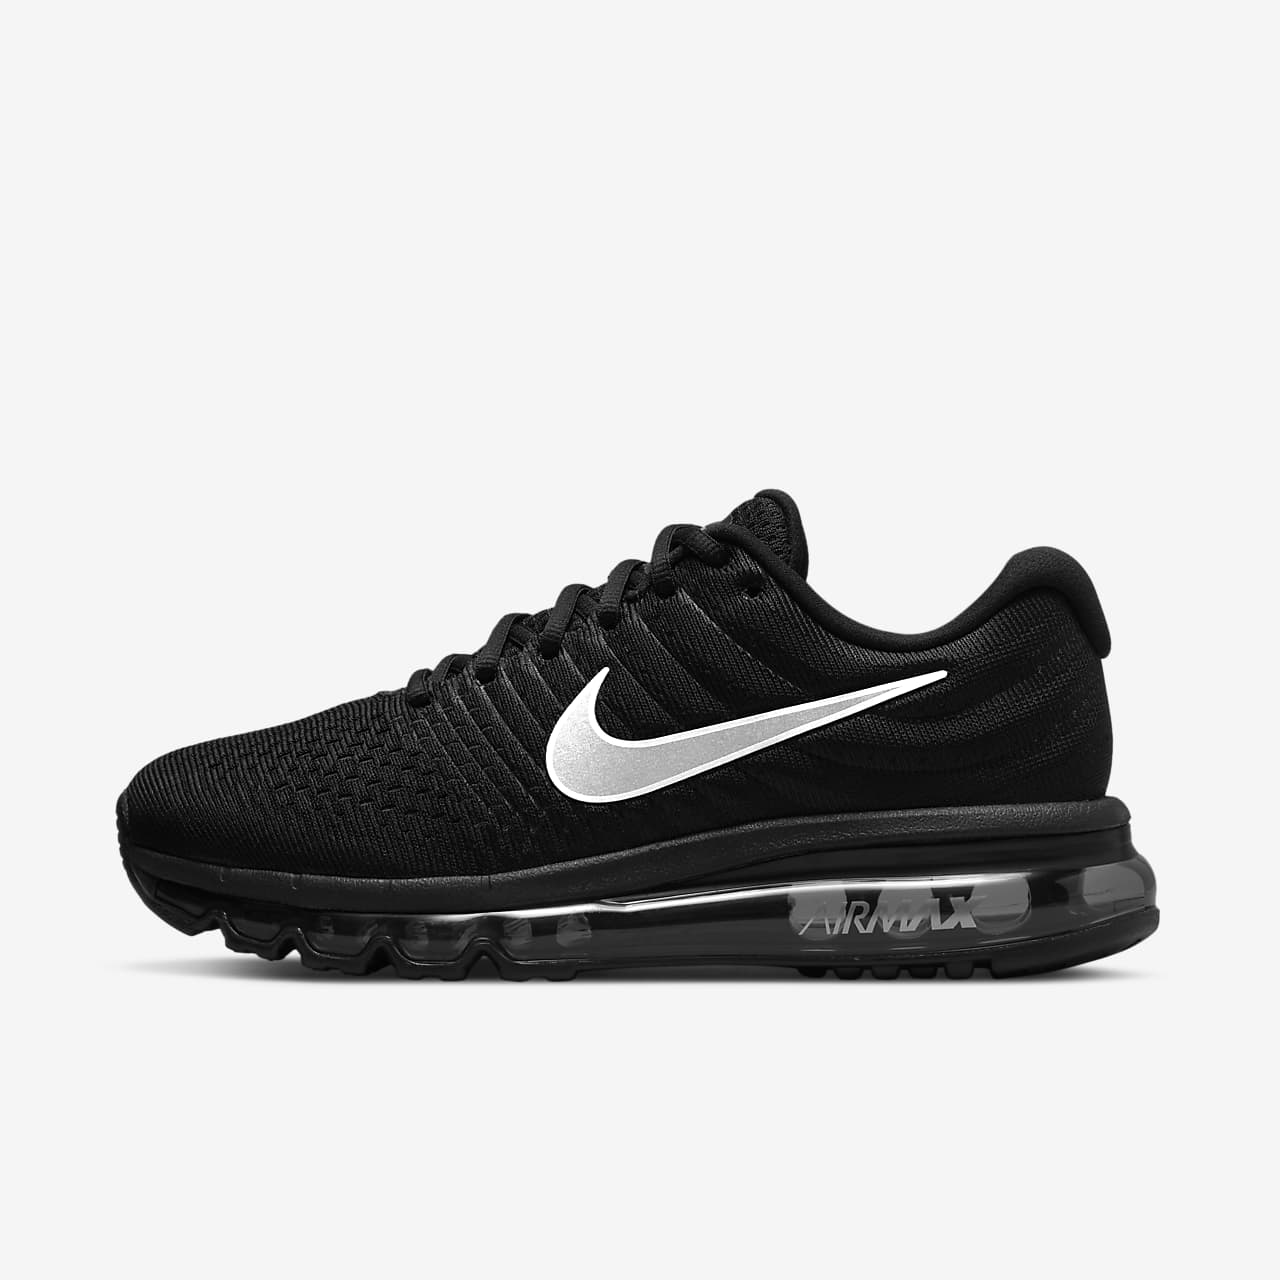 newest 63911 b0017 Sko Nike Air Max 2017 för kvinnor